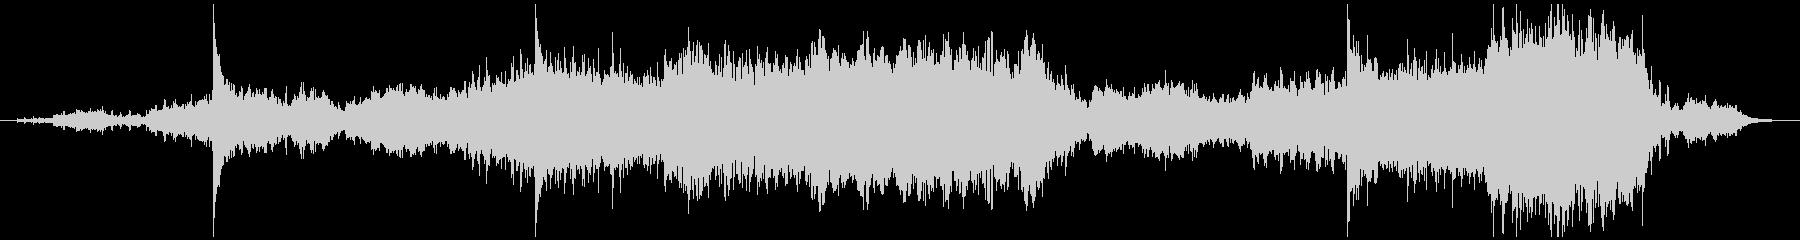 和楽器やシンセ等を使用したアンビエントの未再生の波形